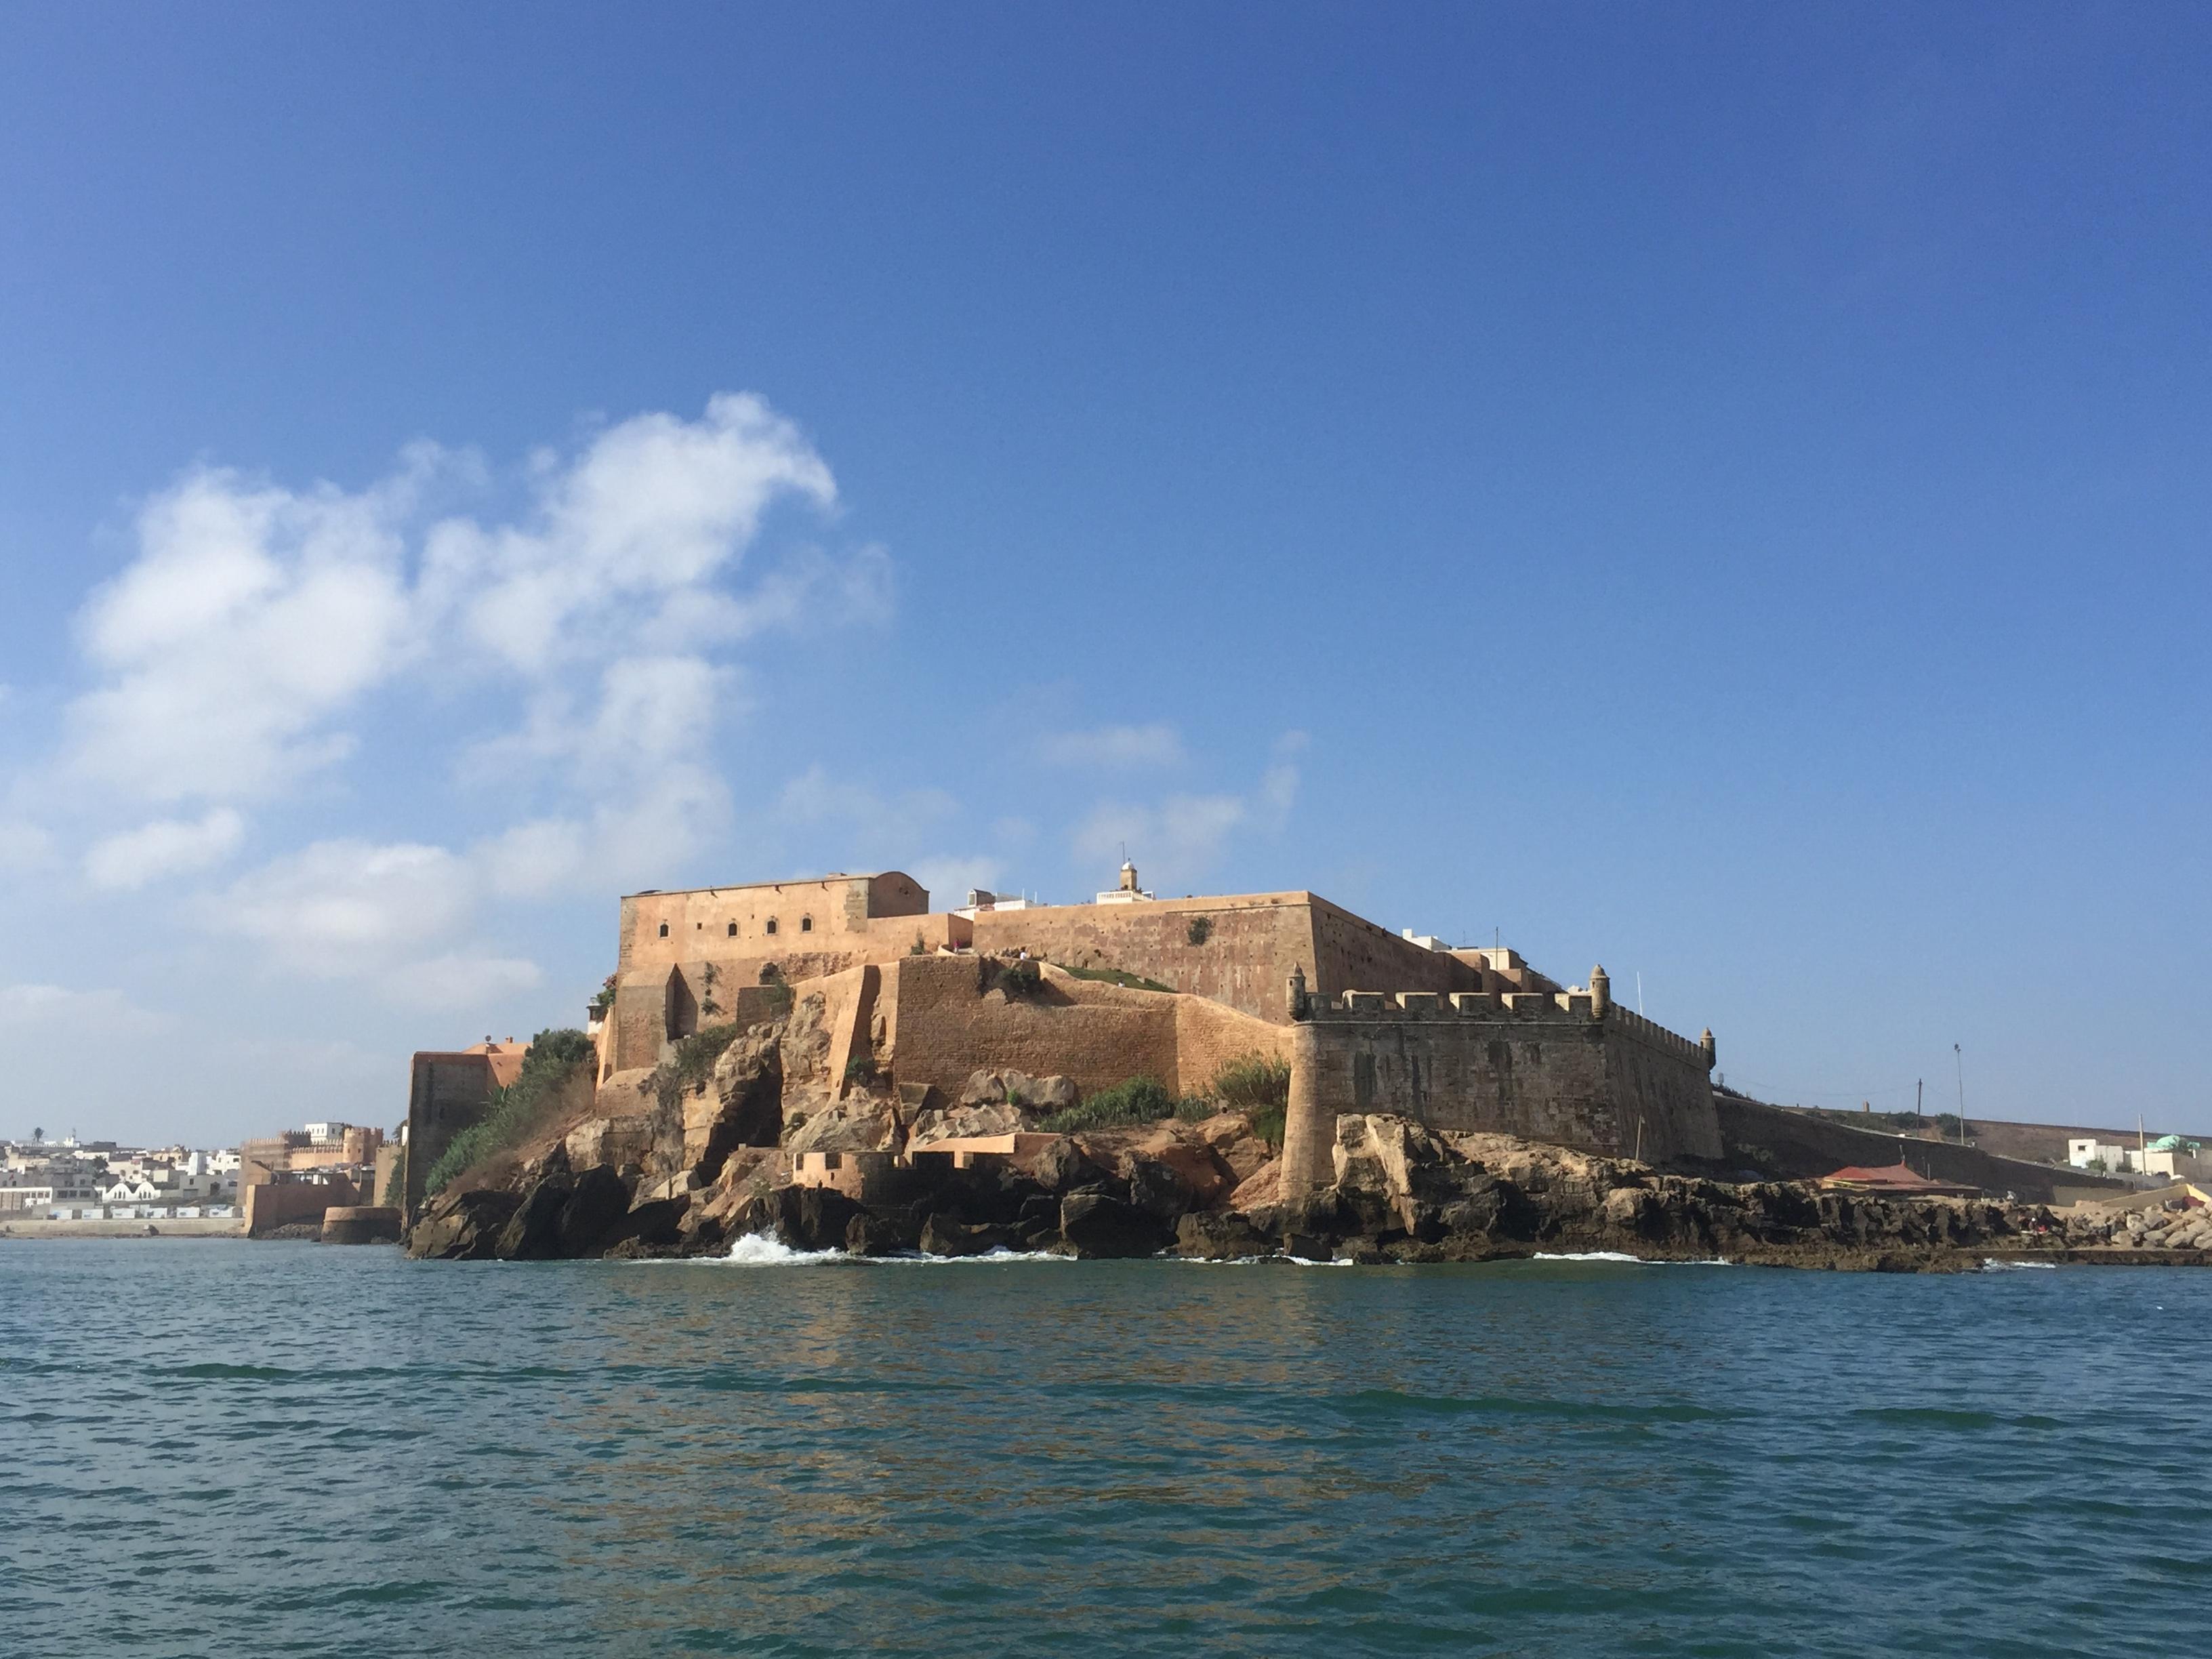 伊斯兰教,摩洛哥,葡萄牙,航海学校,好望角 摩洛哥都拉巴特,伊斯兰教宰牲节--《再济沧海》(71)